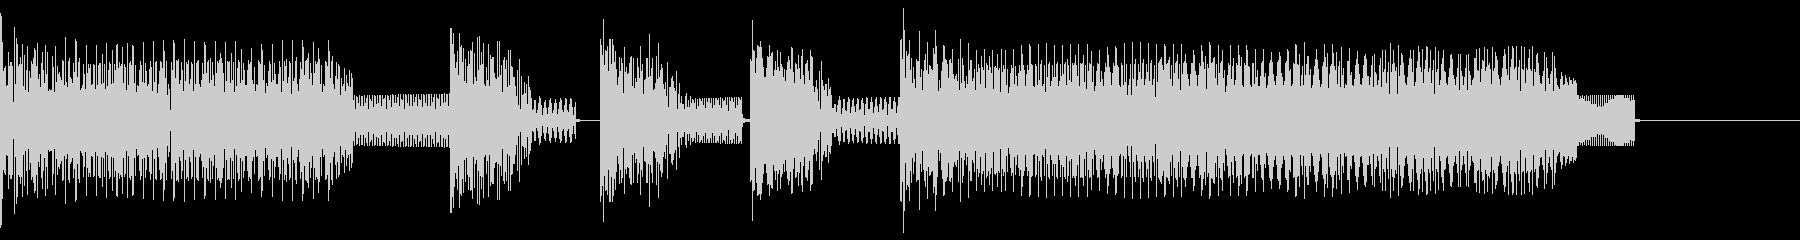 ★ファミコン風ゲームクリアBGM2   の未再生の波形